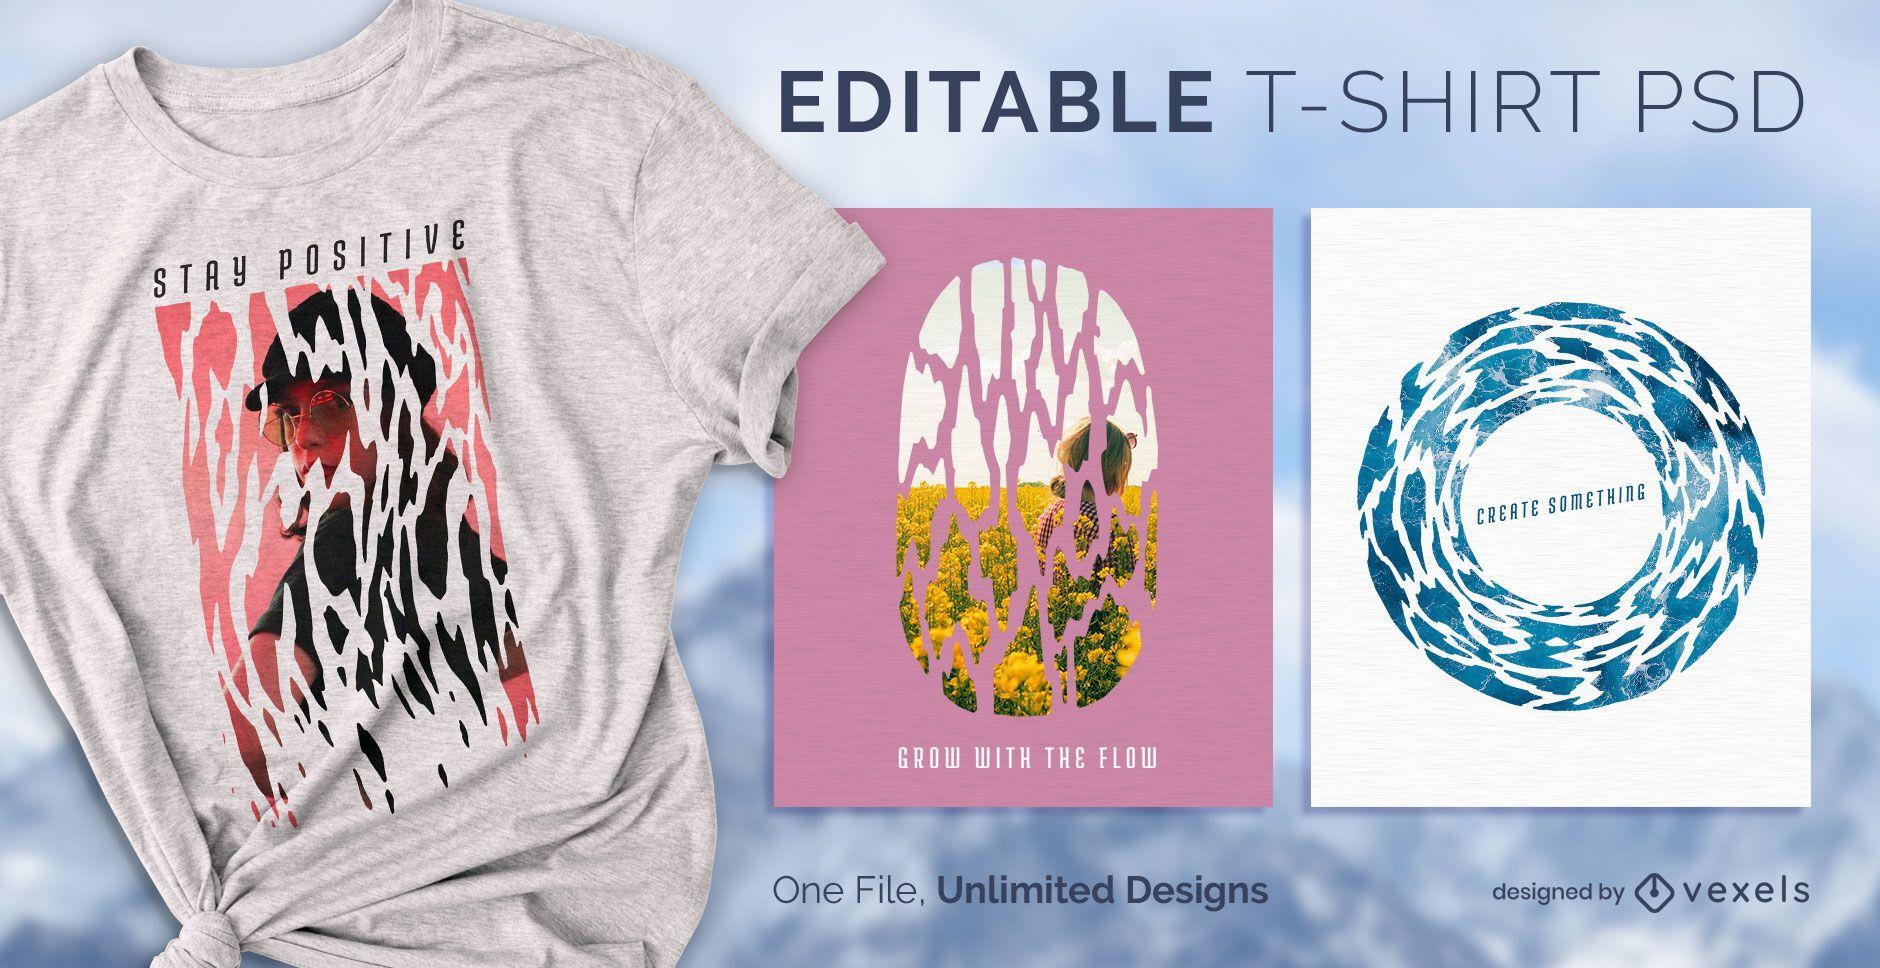 Cracked t-shirt design psd